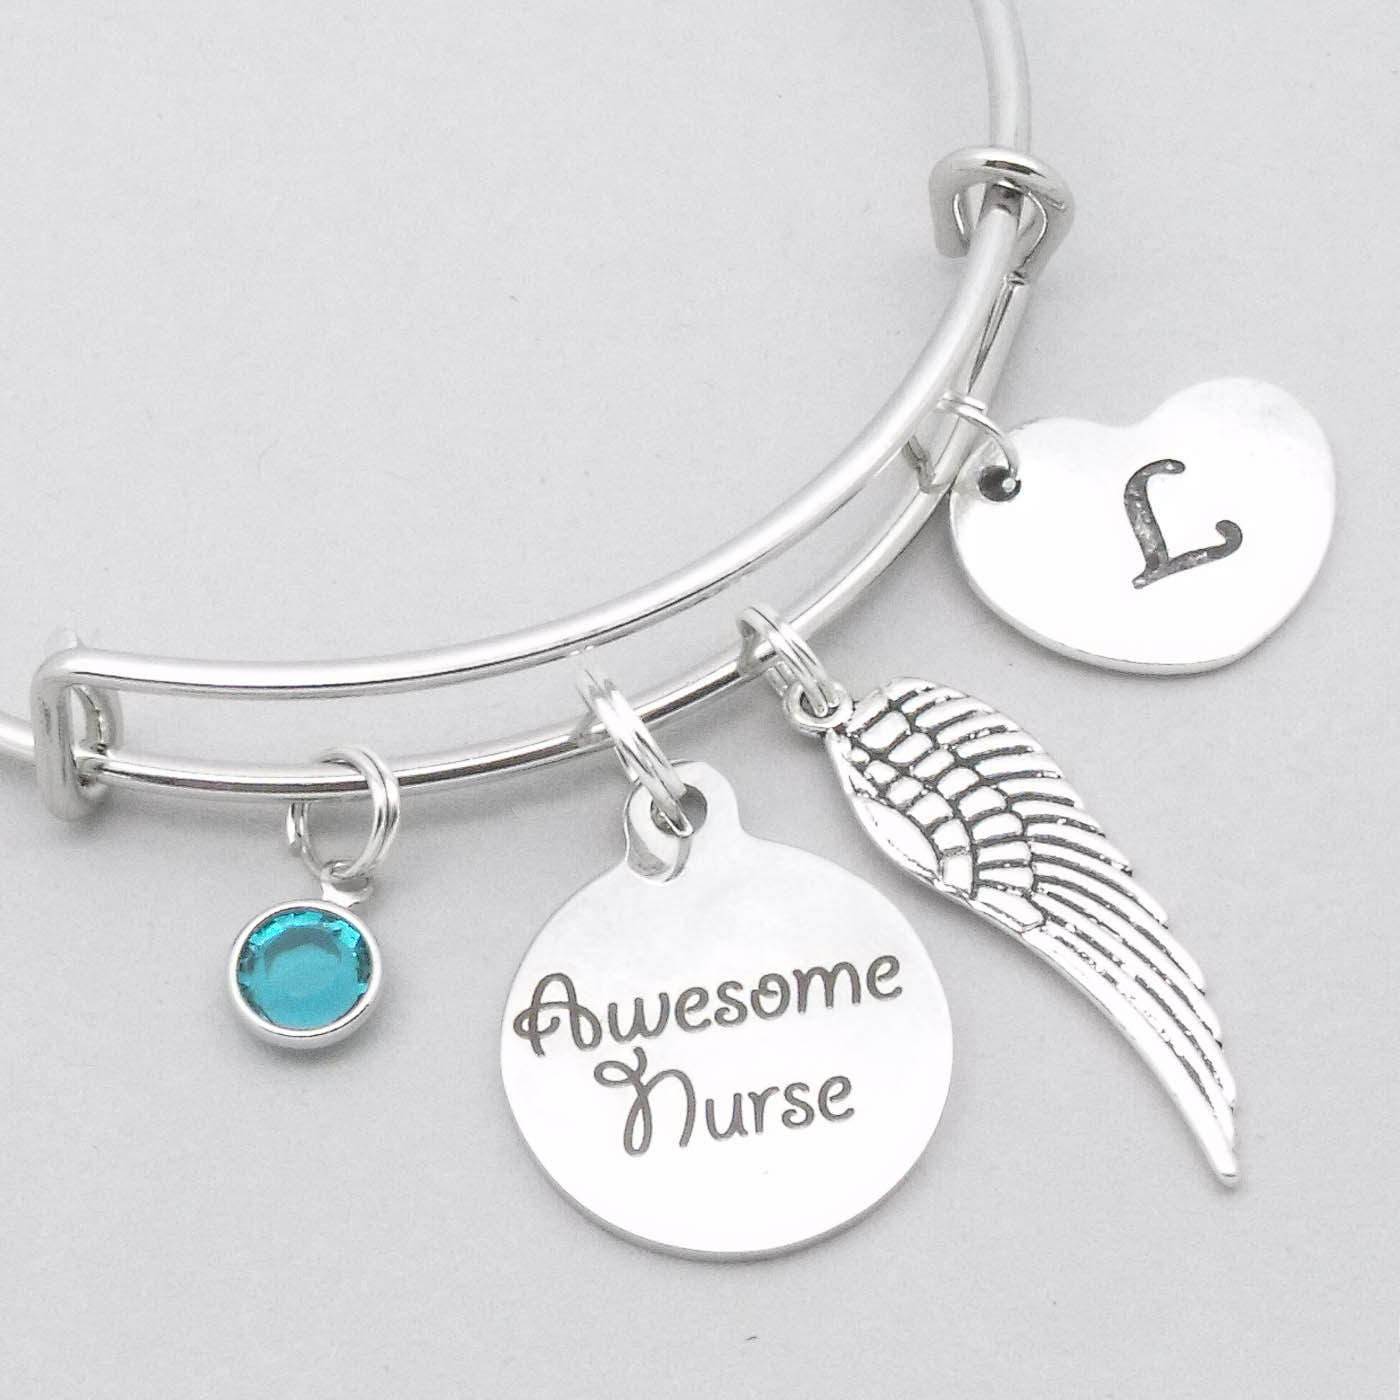 Awesome nurse angel  heart initial charm bracelet  nurse bracelet  angel nurse  personalised nurse bracelet  nurse jewelry  nurse gift